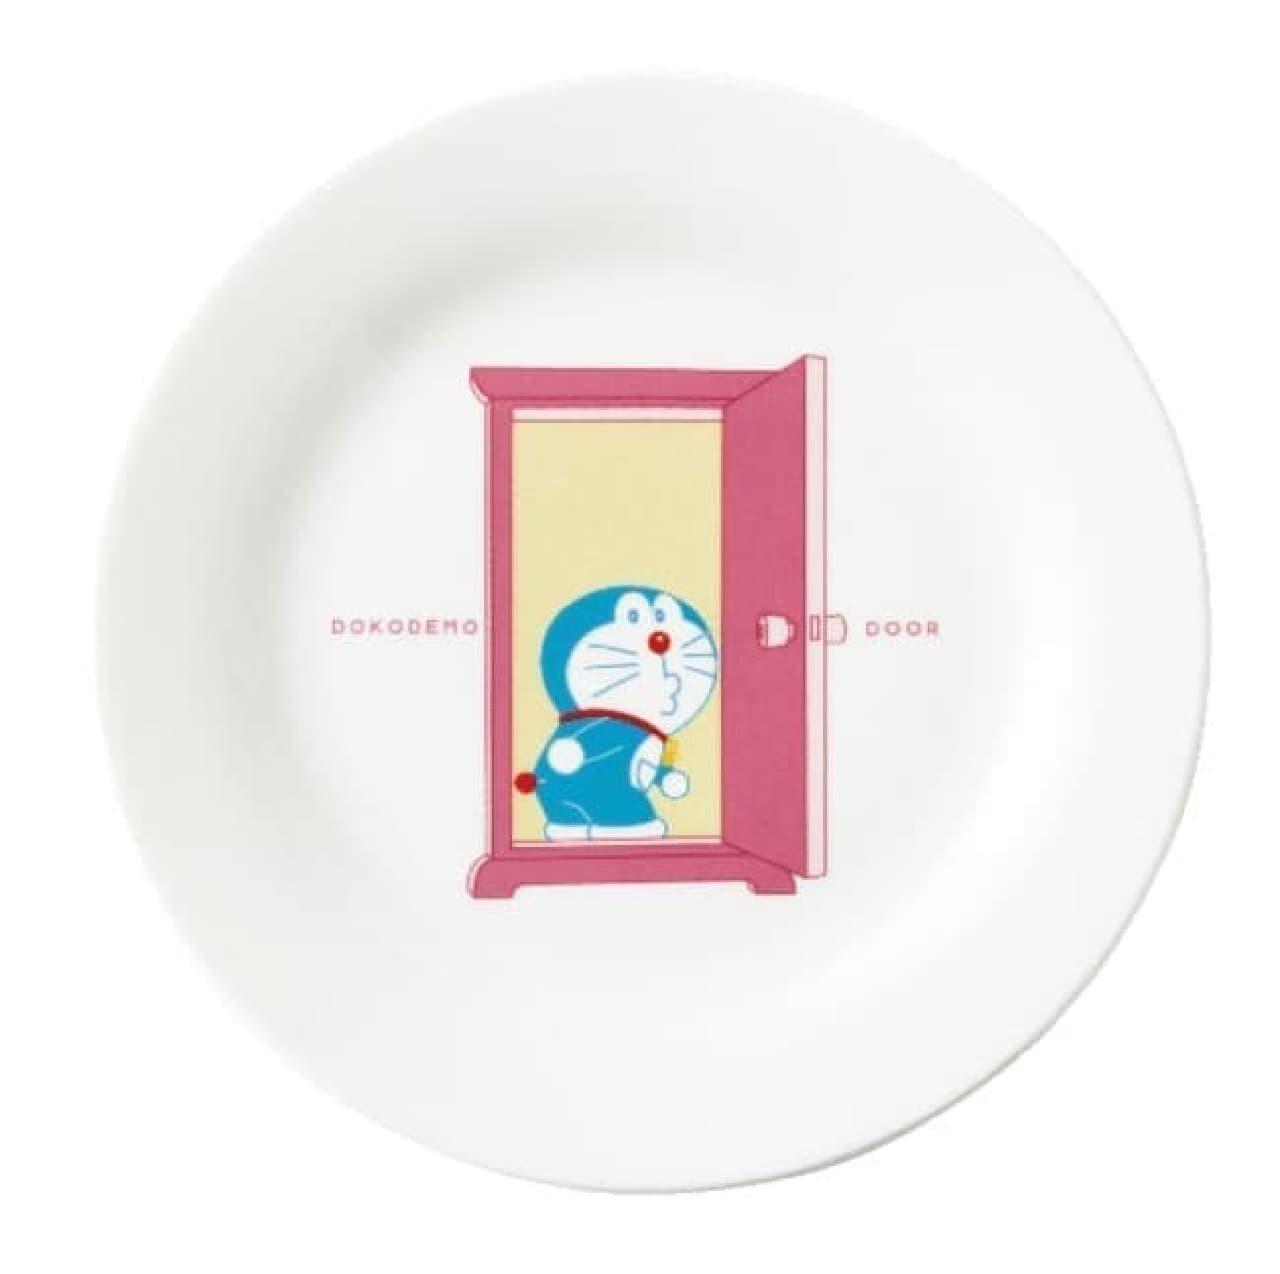 ほっともっと「ドラえもん皿プレゼントキャンペーン」先着7,000名にオリジナルのドラえもん皿